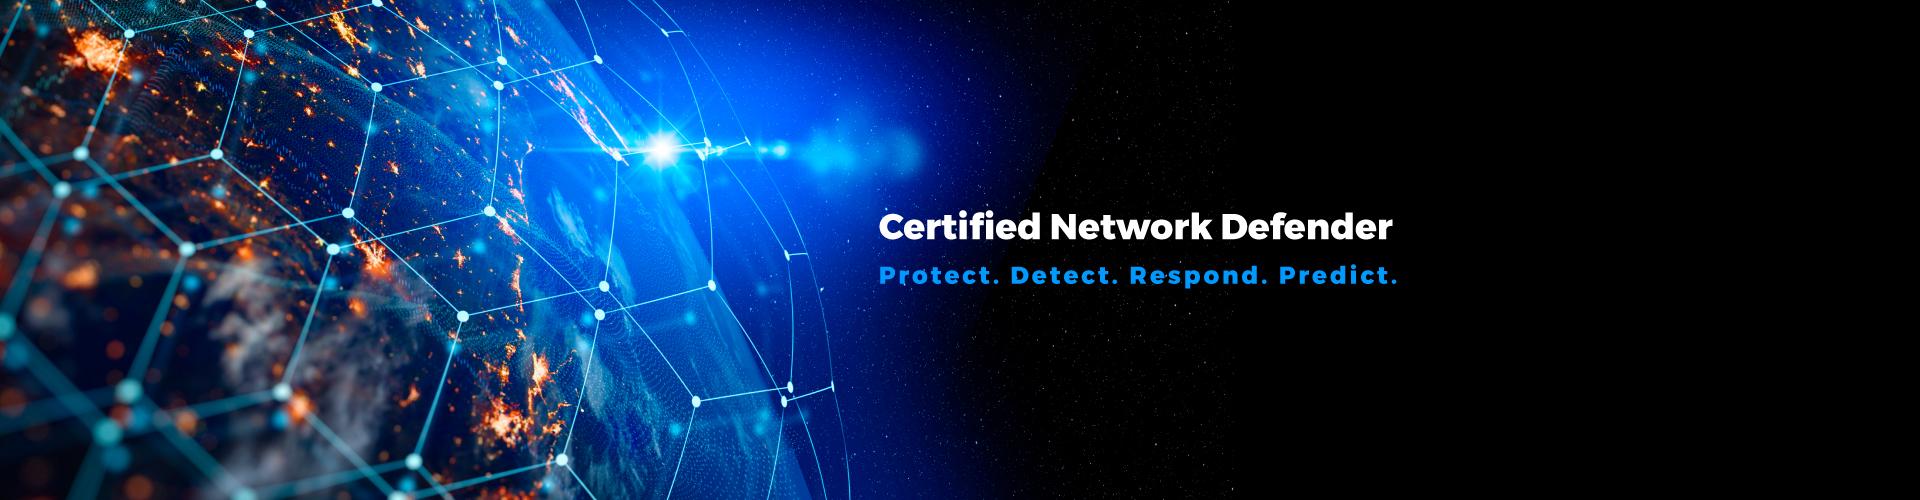 Certified Network Defender CND v2